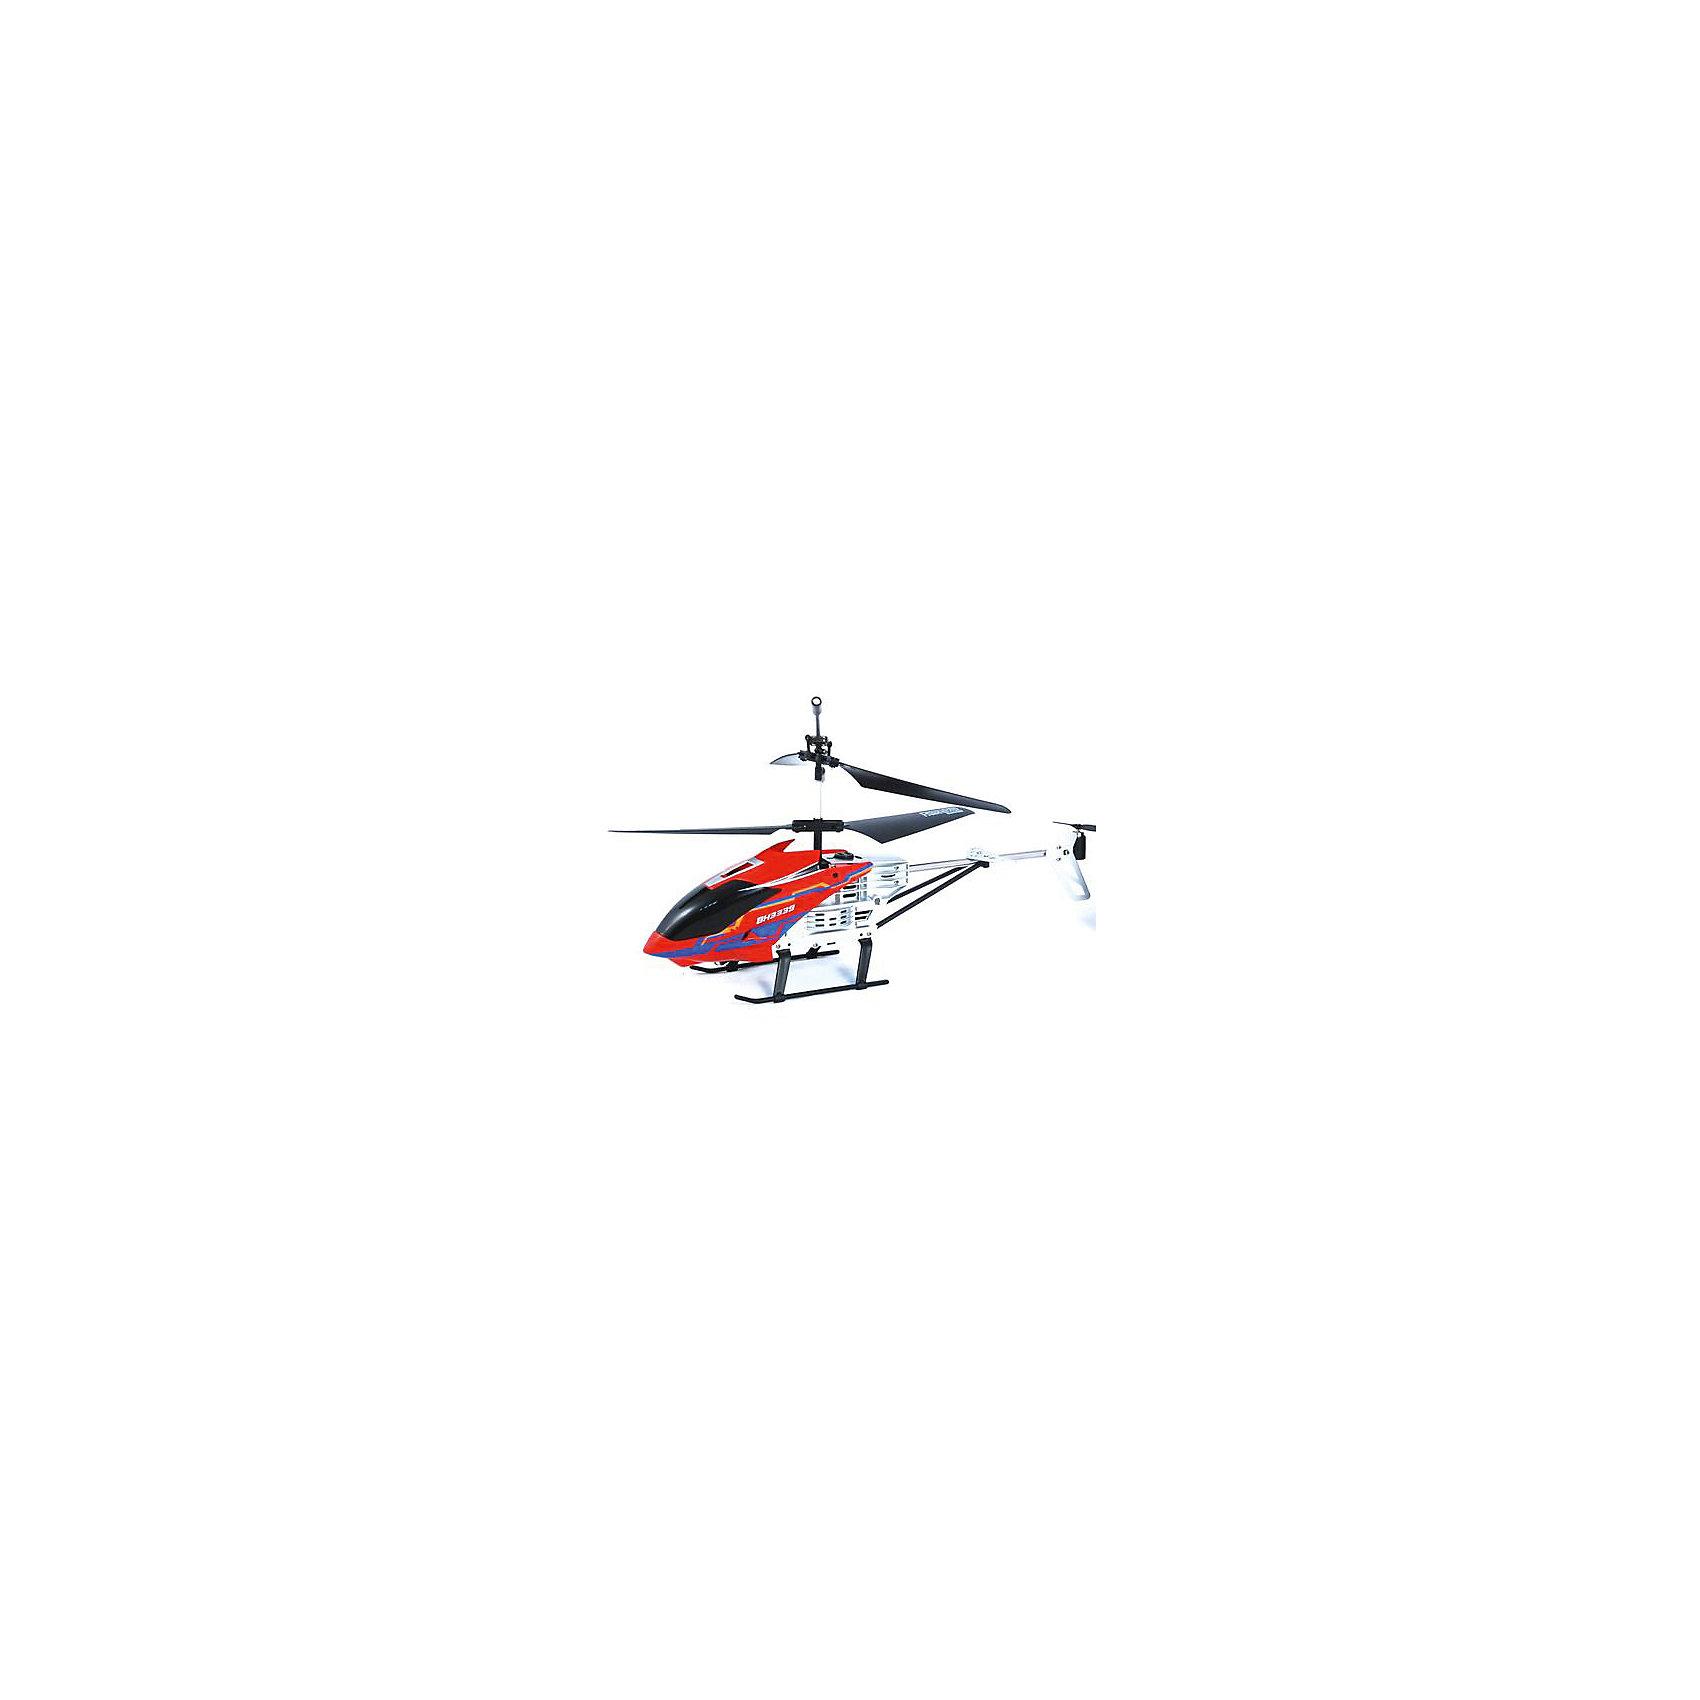 Вертолет на р/у Крепыш с гироскопом и турбоускорением, красный, Властелин небесРадиоуправляемый транспорт<br>Вертолет на р/у Крепыш с гироскопом и турбоускорением, красный, Властелин небес<br><br>Характеристики:<br>• два режима скорости<br>• умеет летать вверх, вниз и в разные стороны<br>• может зависать в воздухе благодаря гироскопу<br>• выдерживает нагрузку до 100 кг<br>• очень прочный<br>• радиус работы пульта: до 10 метров<br>• в комплекте: вертолет, ПДУ, аккумулятор, запасные лопасти, зарядное устройство<br>• батарейки: АА - 6 шт. (в комплект не входят)<br>• размер упаковки: 7,5х20х49,5 см<br>• электропитание: мощность 3,7 Вт<br>• размер вертолета: 30х12х14 см<br>• цвет: красный<br><br>Вертолет Крепыш заслужил такое название благодаря прочному и крепкому материалу. Крепыш даже способен выдерживать нагрузки до 100 кг. Вертолет поднимается вверх, опускается вниз, летает вправо и влево, а также зависает в воздухе благодаря гироскопу. Ко всему прочему, Крепыш оснащен функцией турбоускорения. Радиус действия пульта составляет 10 метров. На случай поломки в комплект входят запасные детали.<br>Необходимы батарейки АА, 6 шт. (не входят в комплект)<br><br>Вертолет на р/у Крепыш с гироскопом и турбоускорением, красный, Властелин небес можно купить в нашем интернет-магазине.<br><br>Ширина мм: 75<br>Глубина мм: 495<br>Высота мм: 200<br>Вес г: 670<br>Возраст от месяцев: 144<br>Возраст до месяцев: 2147483647<br>Пол: Мужской<br>Возраст: Детский<br>SKU: 5397079